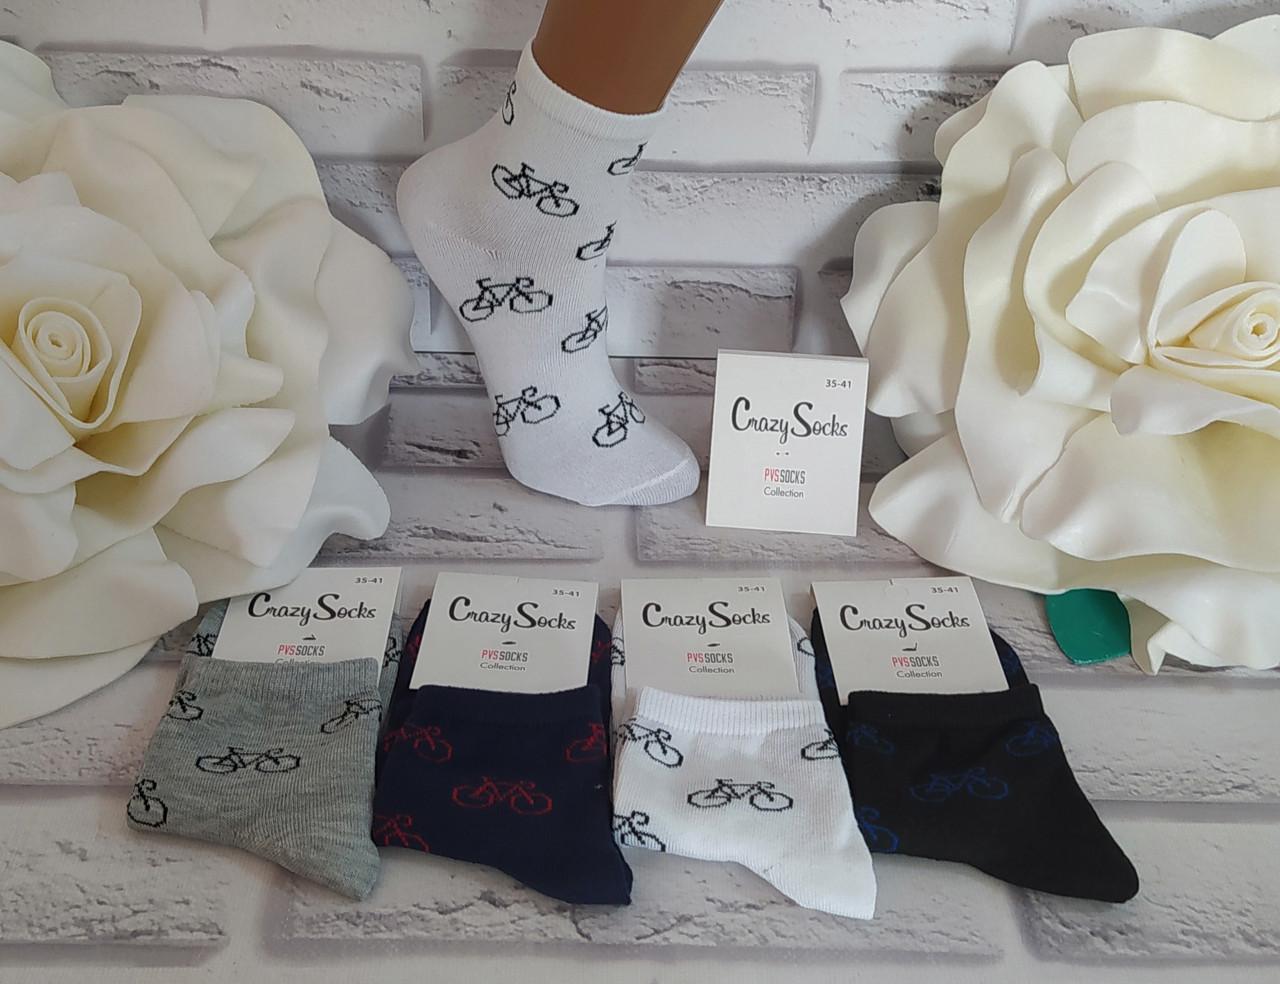 Носки женские за 1 пару 35-41 раз. обуви хлопок Crasy Socrs